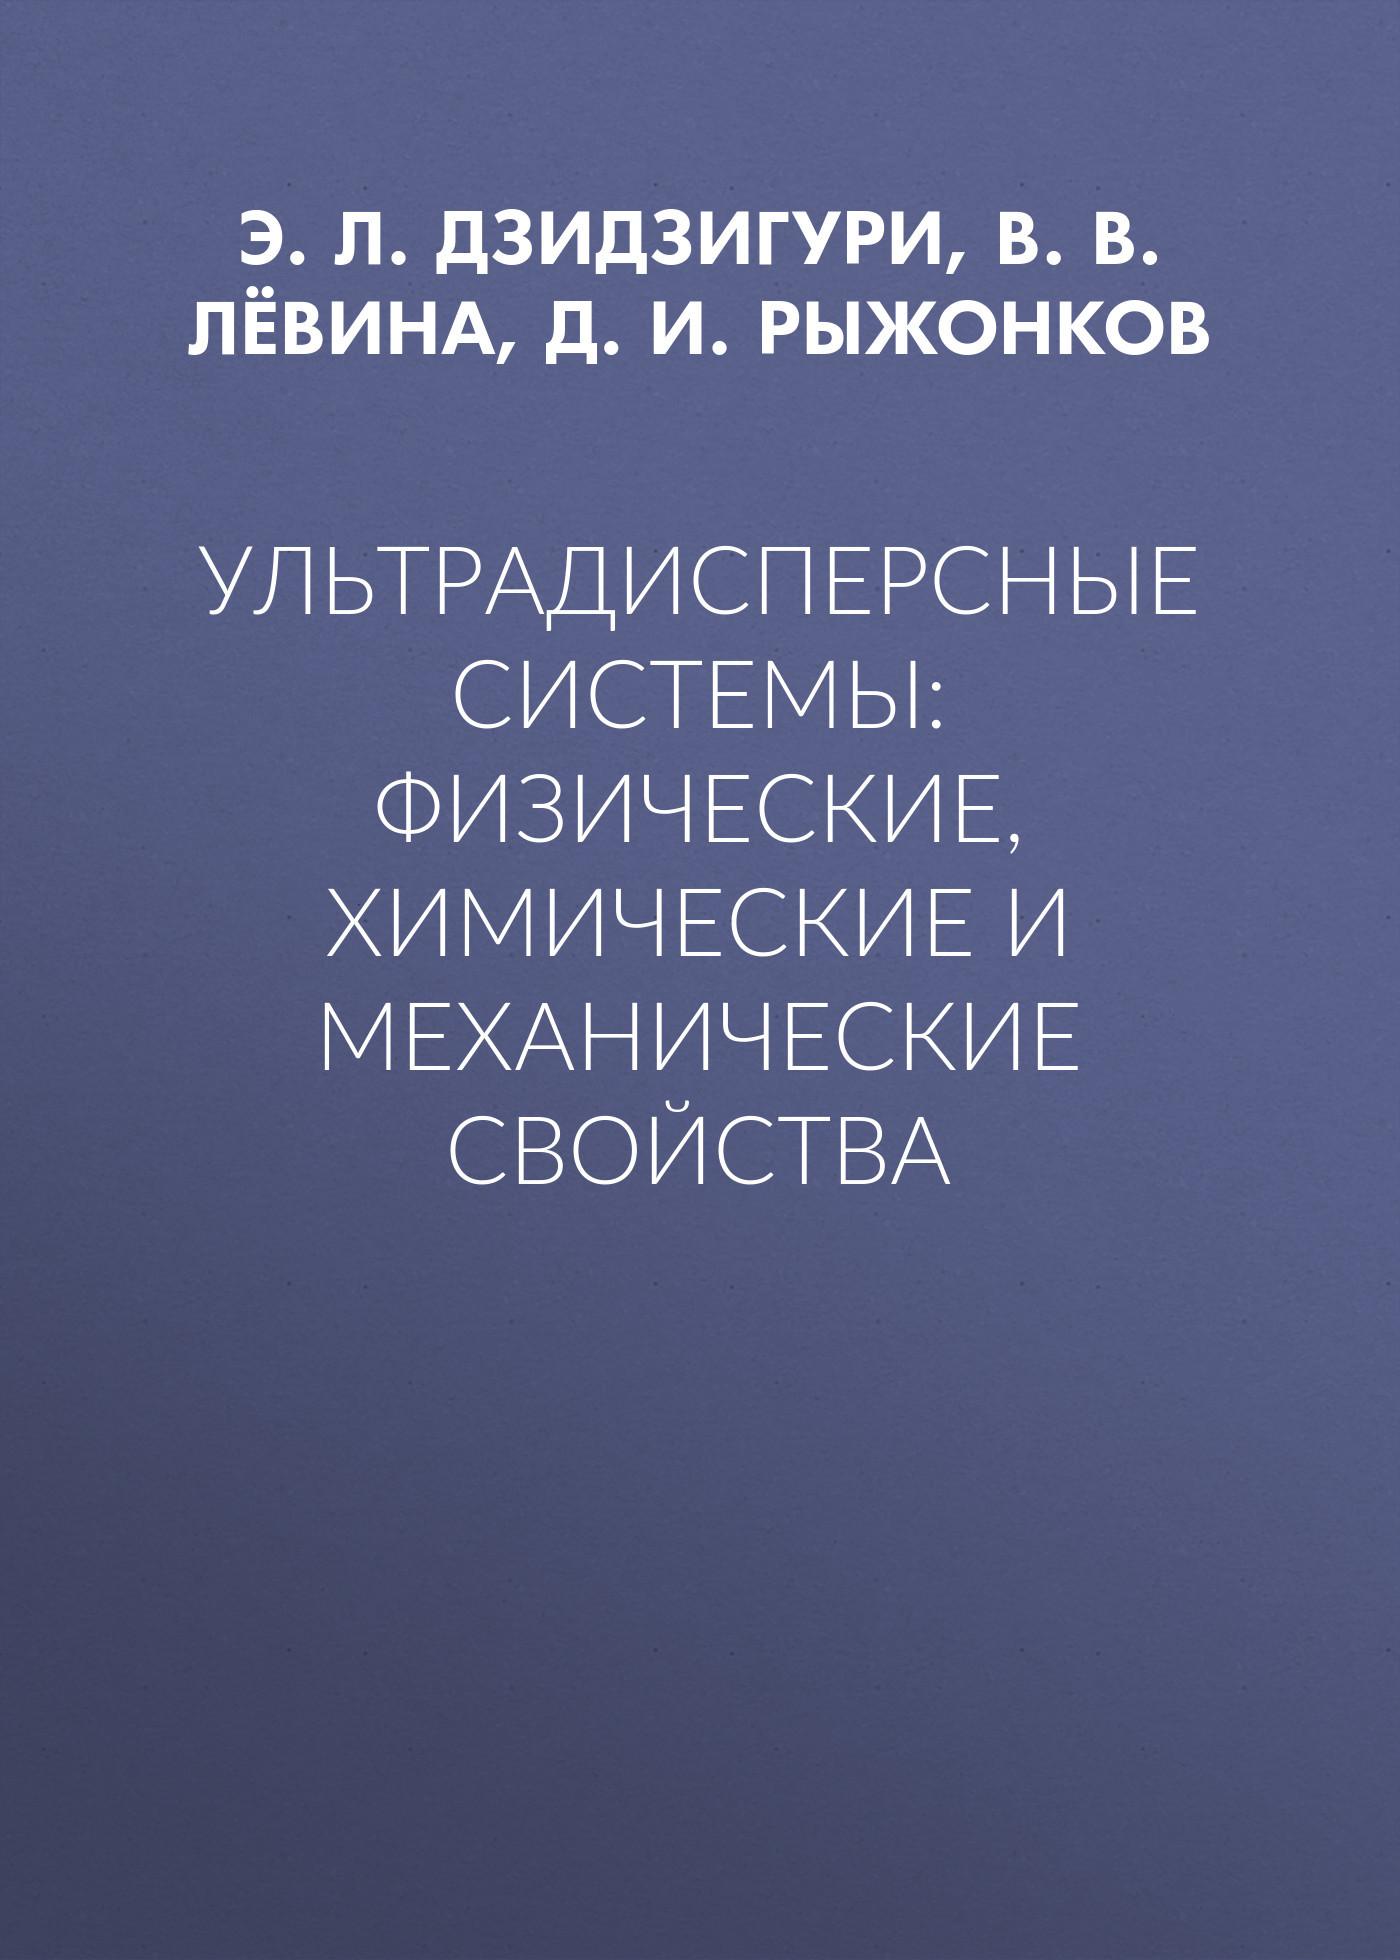 Д. И. Рыжонков бесплатно